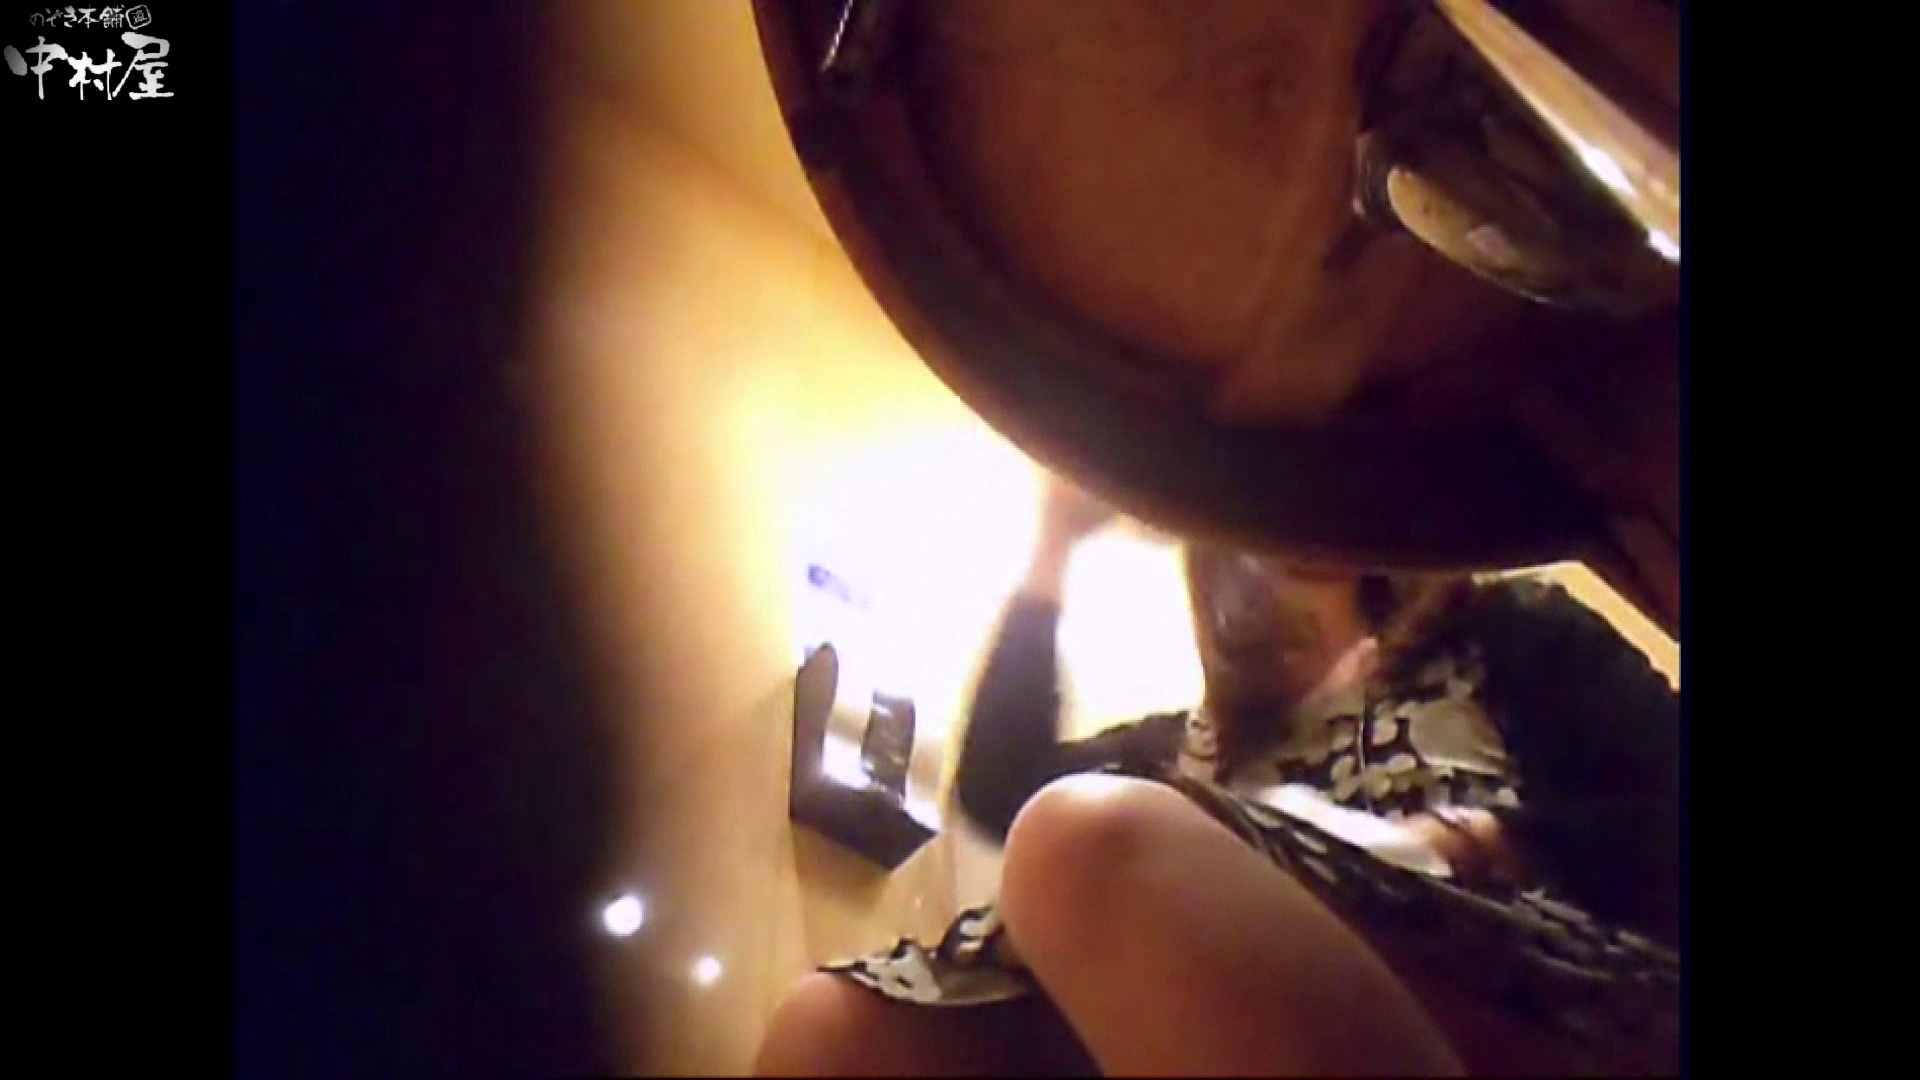 ガチ盗撮!突撃!女子化粧室の真実~セカンドシーズン~vo.04 盗撮師作品 | 熟女丸裸  80pic 3